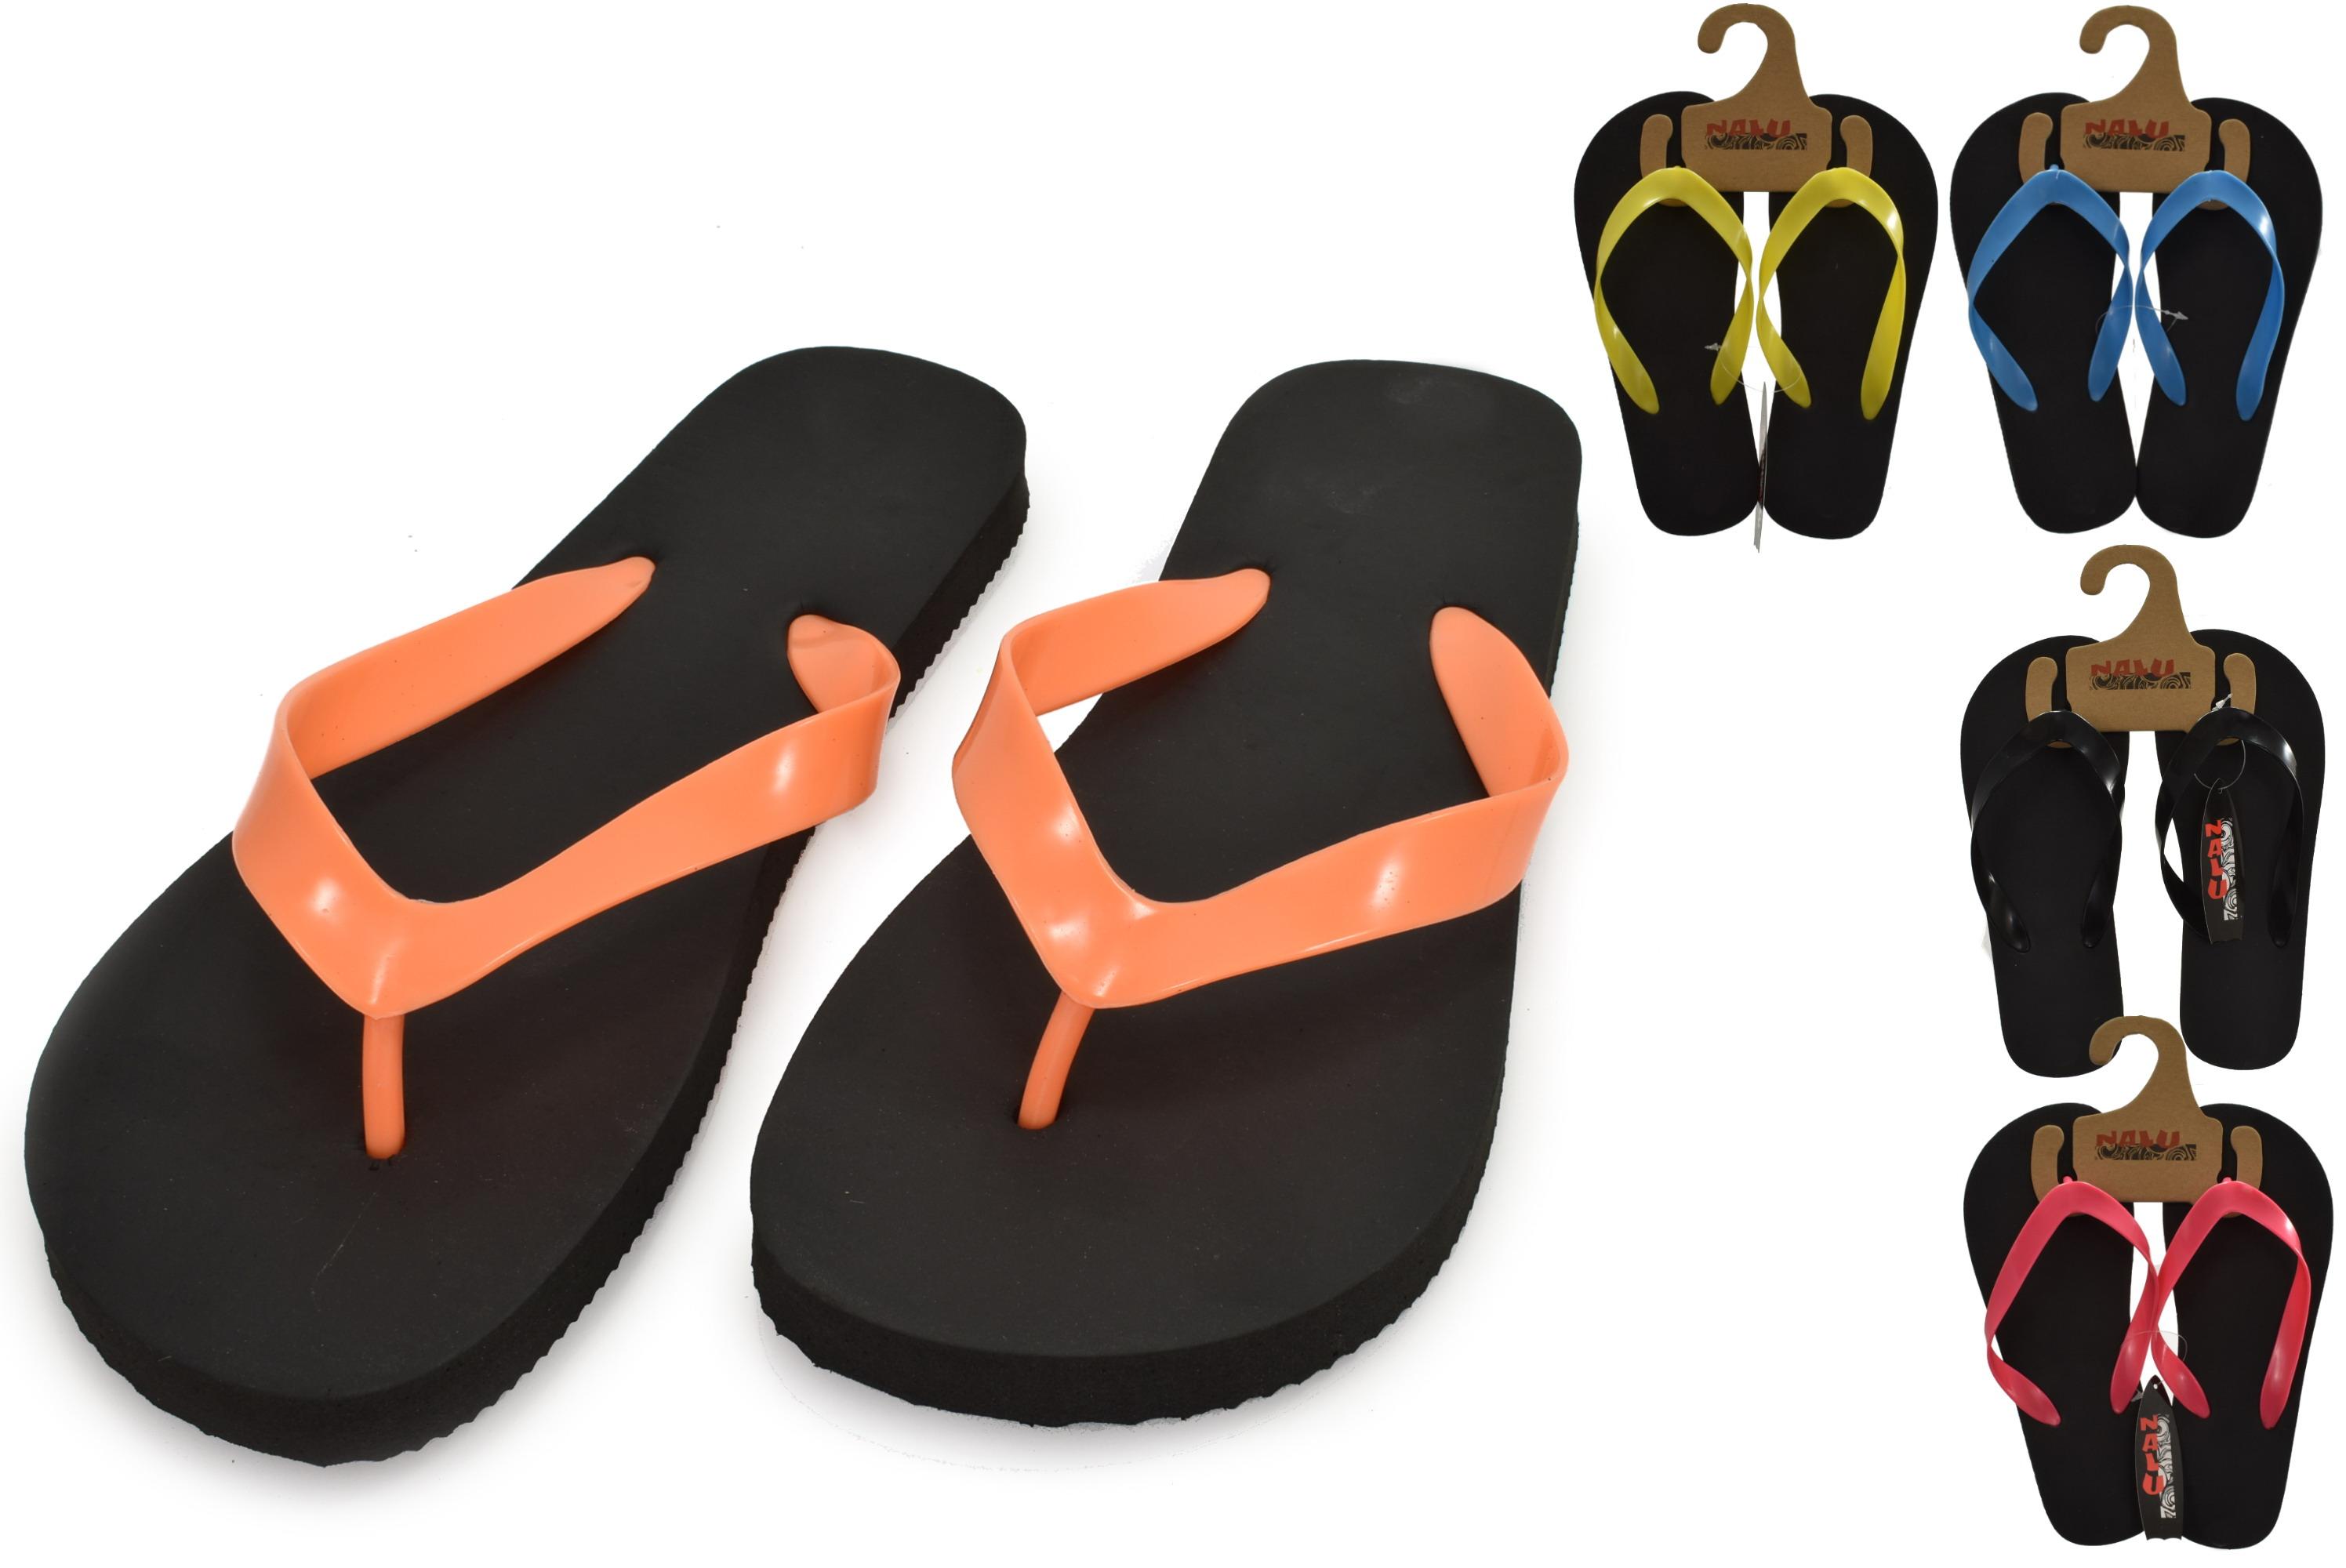 Flip Flop Childs Size 11 Plain Colour